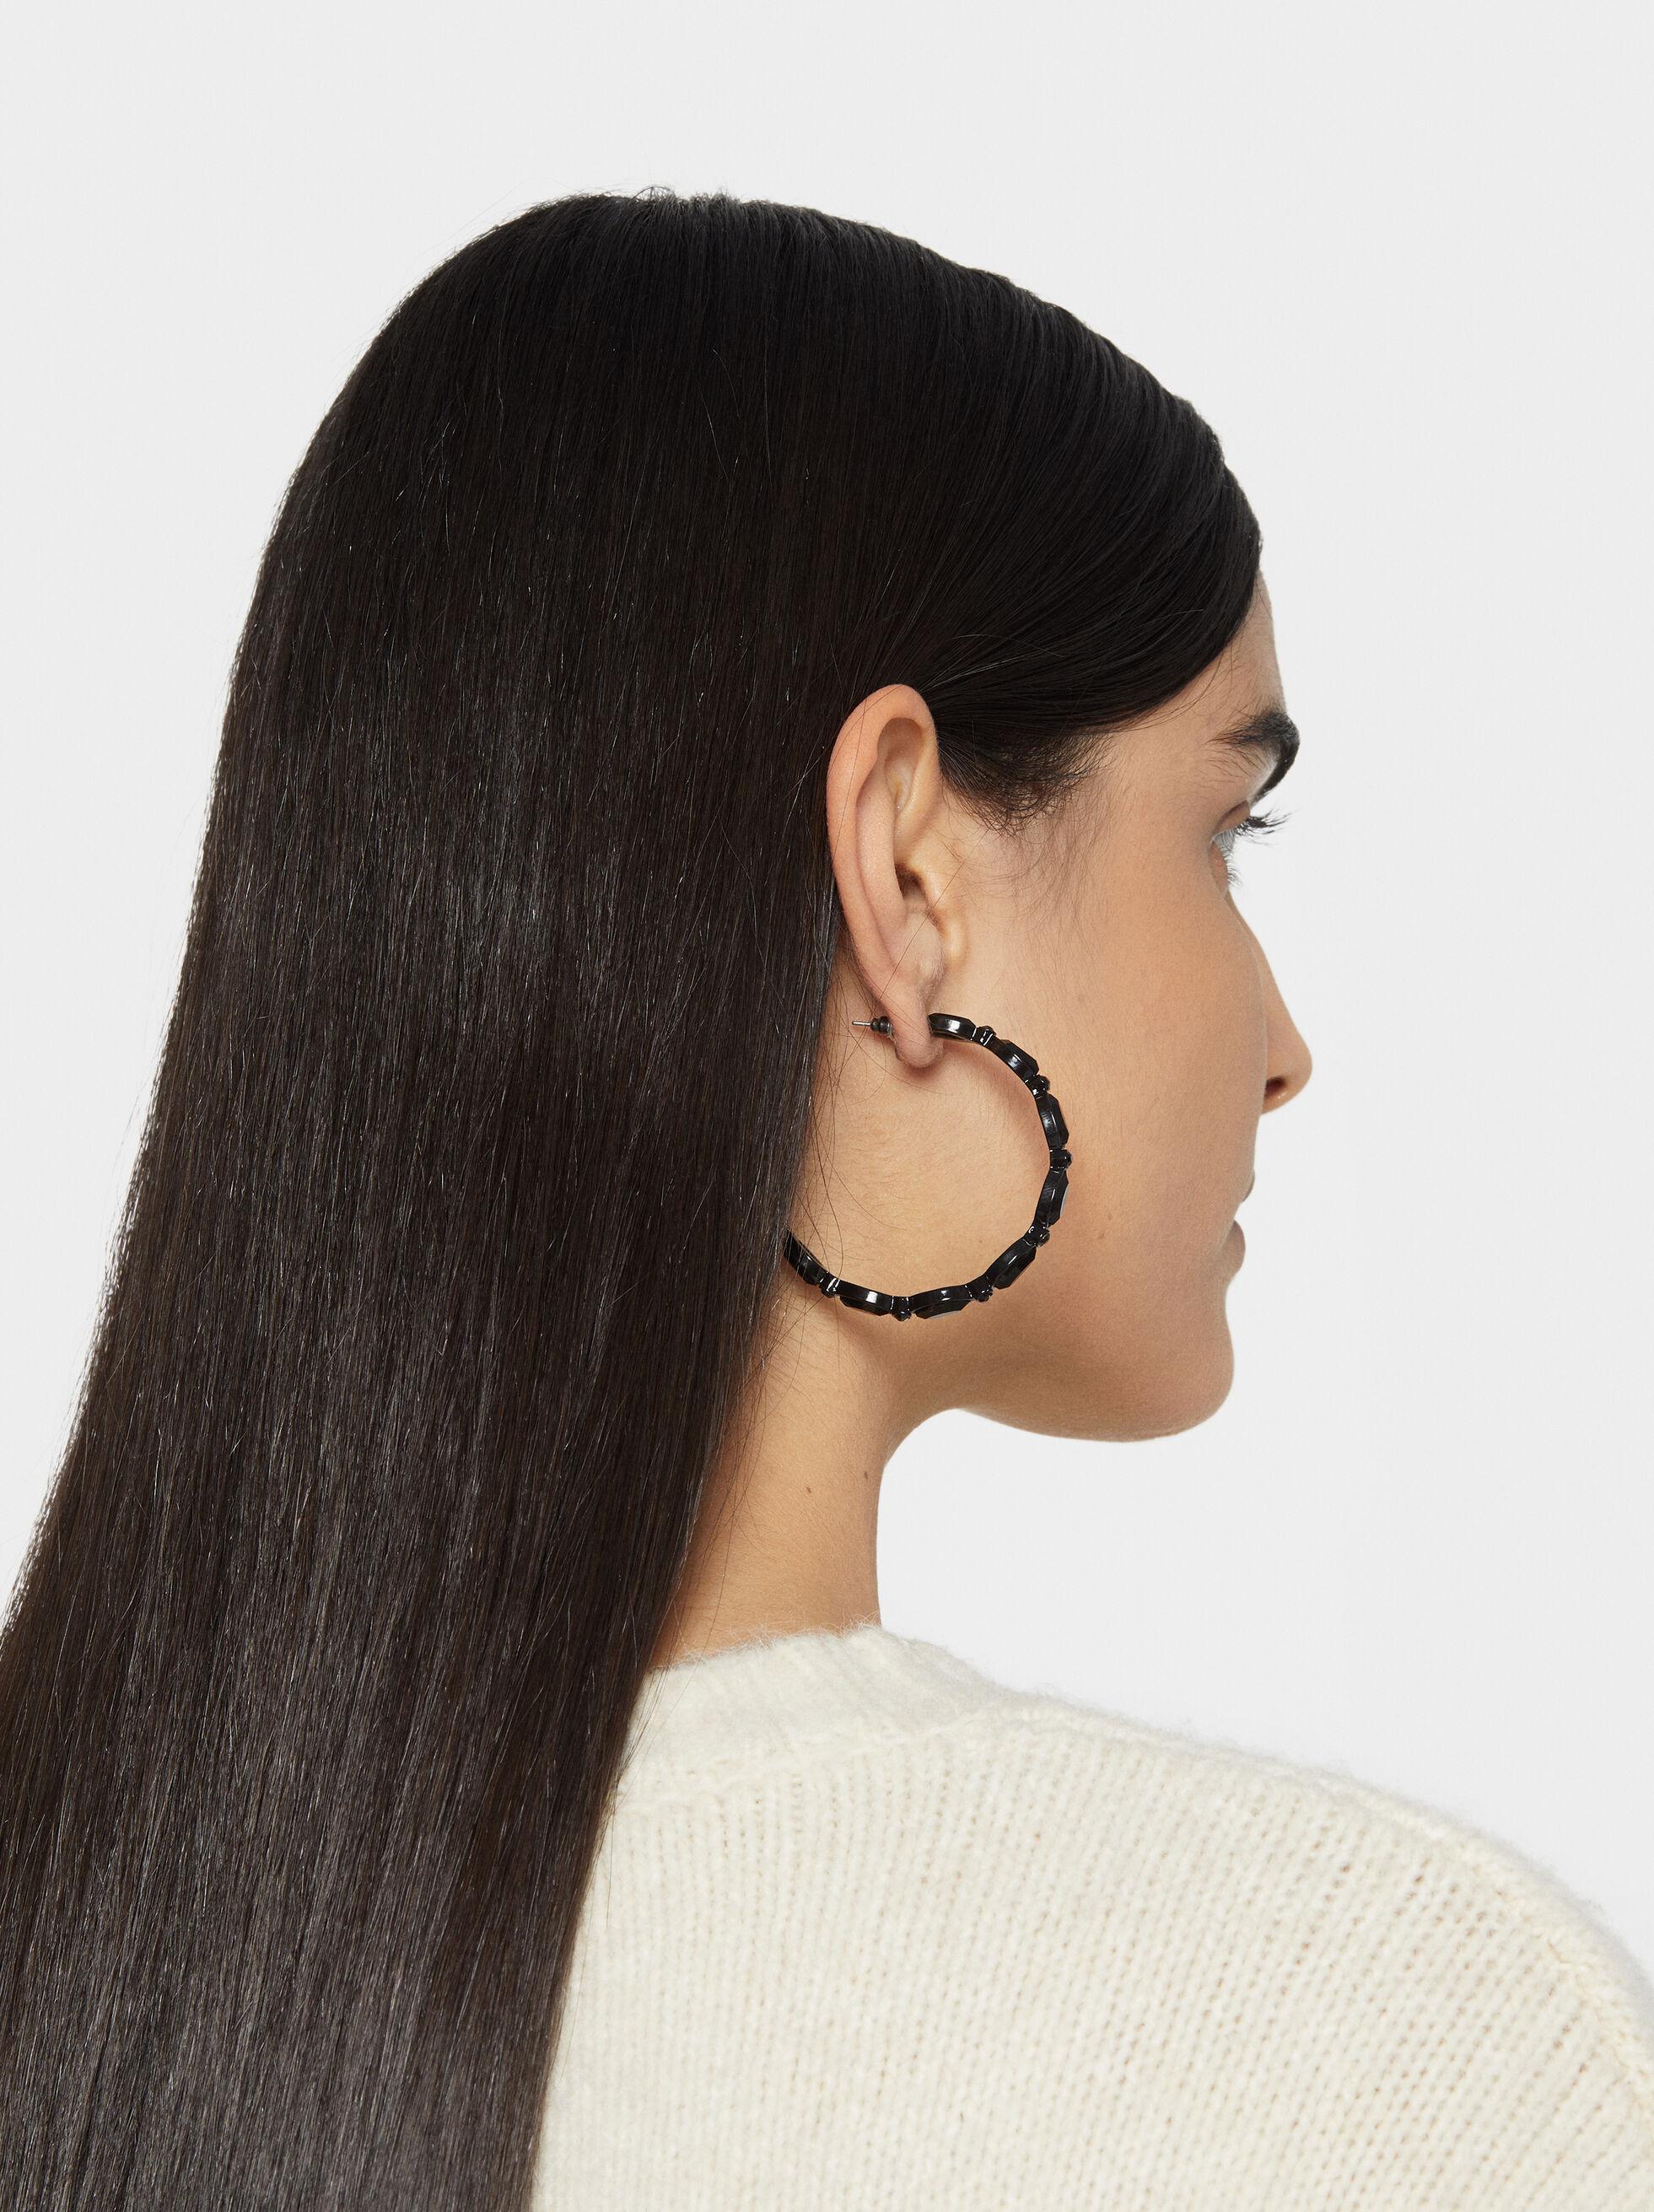 Star Dust Bejewelled Hoop Earrings, Black, hi-res